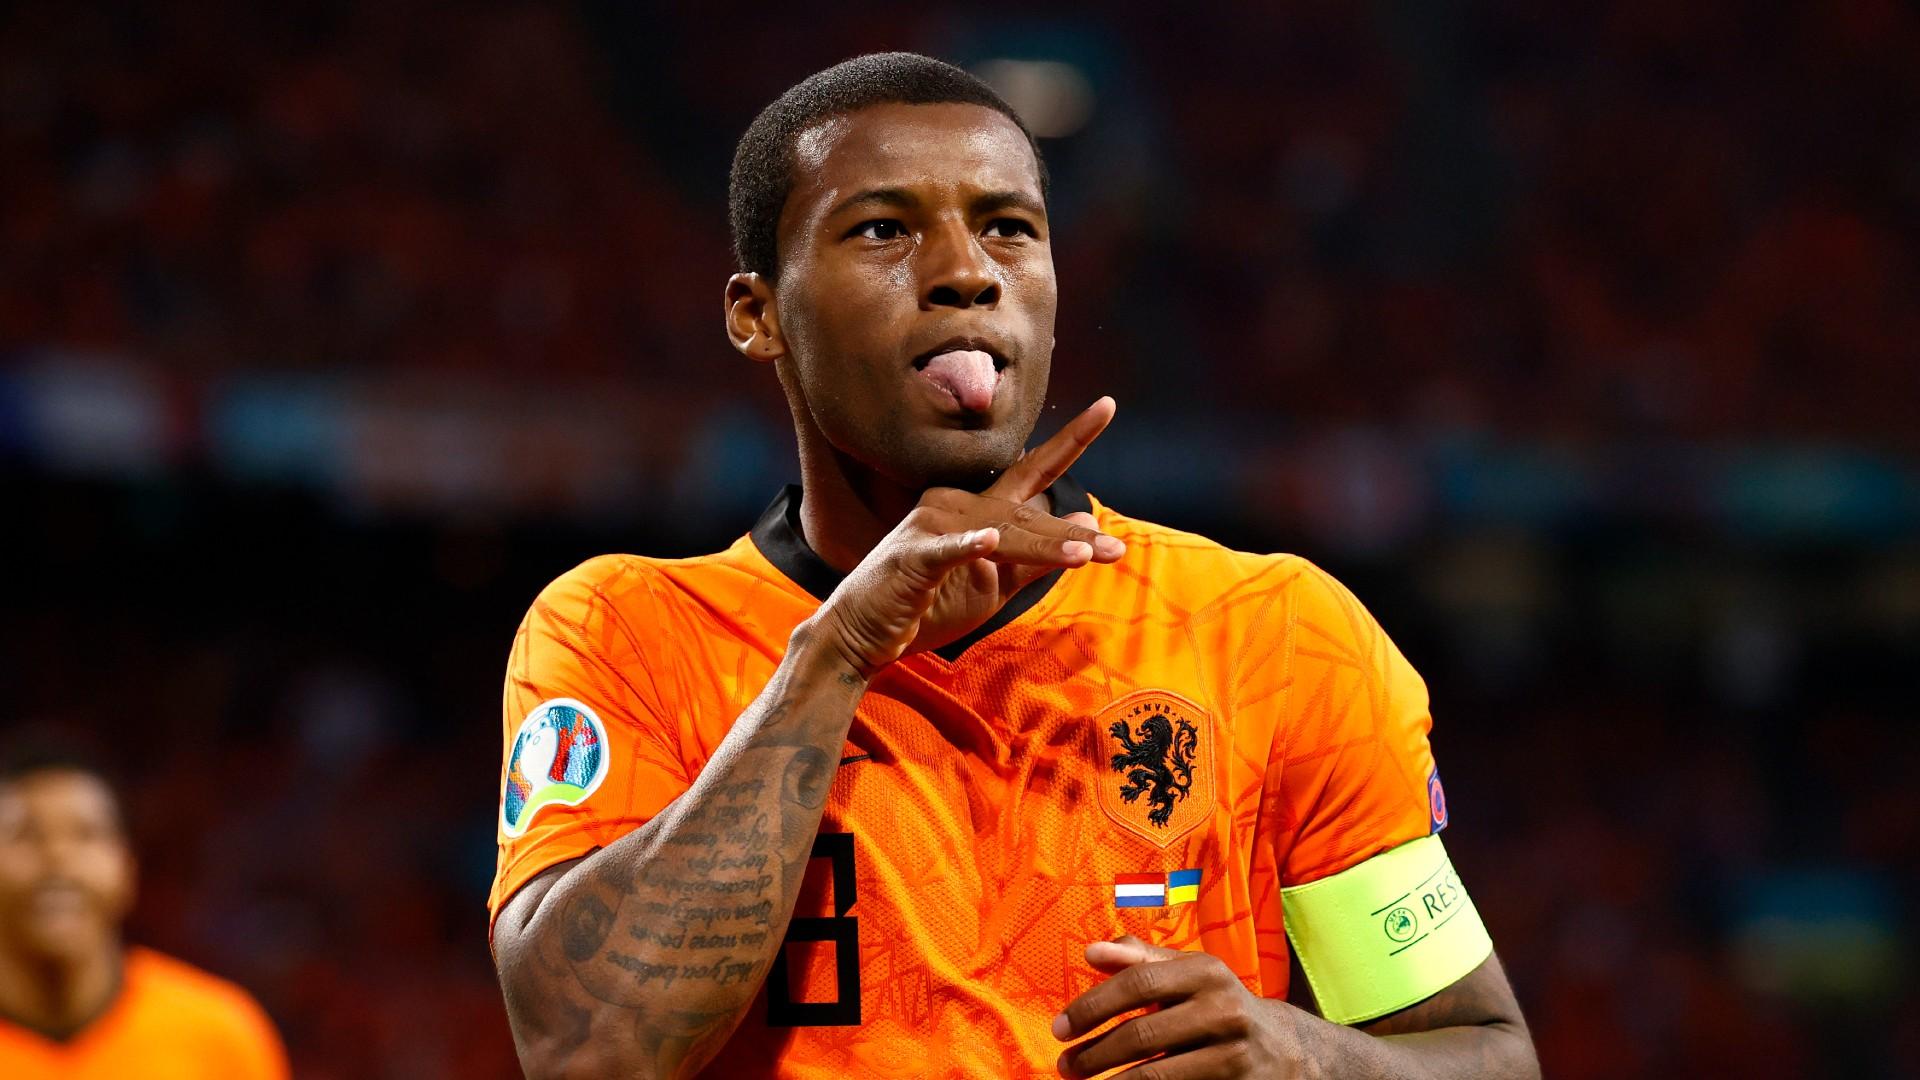 Wijnaldum explains stealing Van Dijk celebration as Liverpool defender sets goal target for Netherlands captain